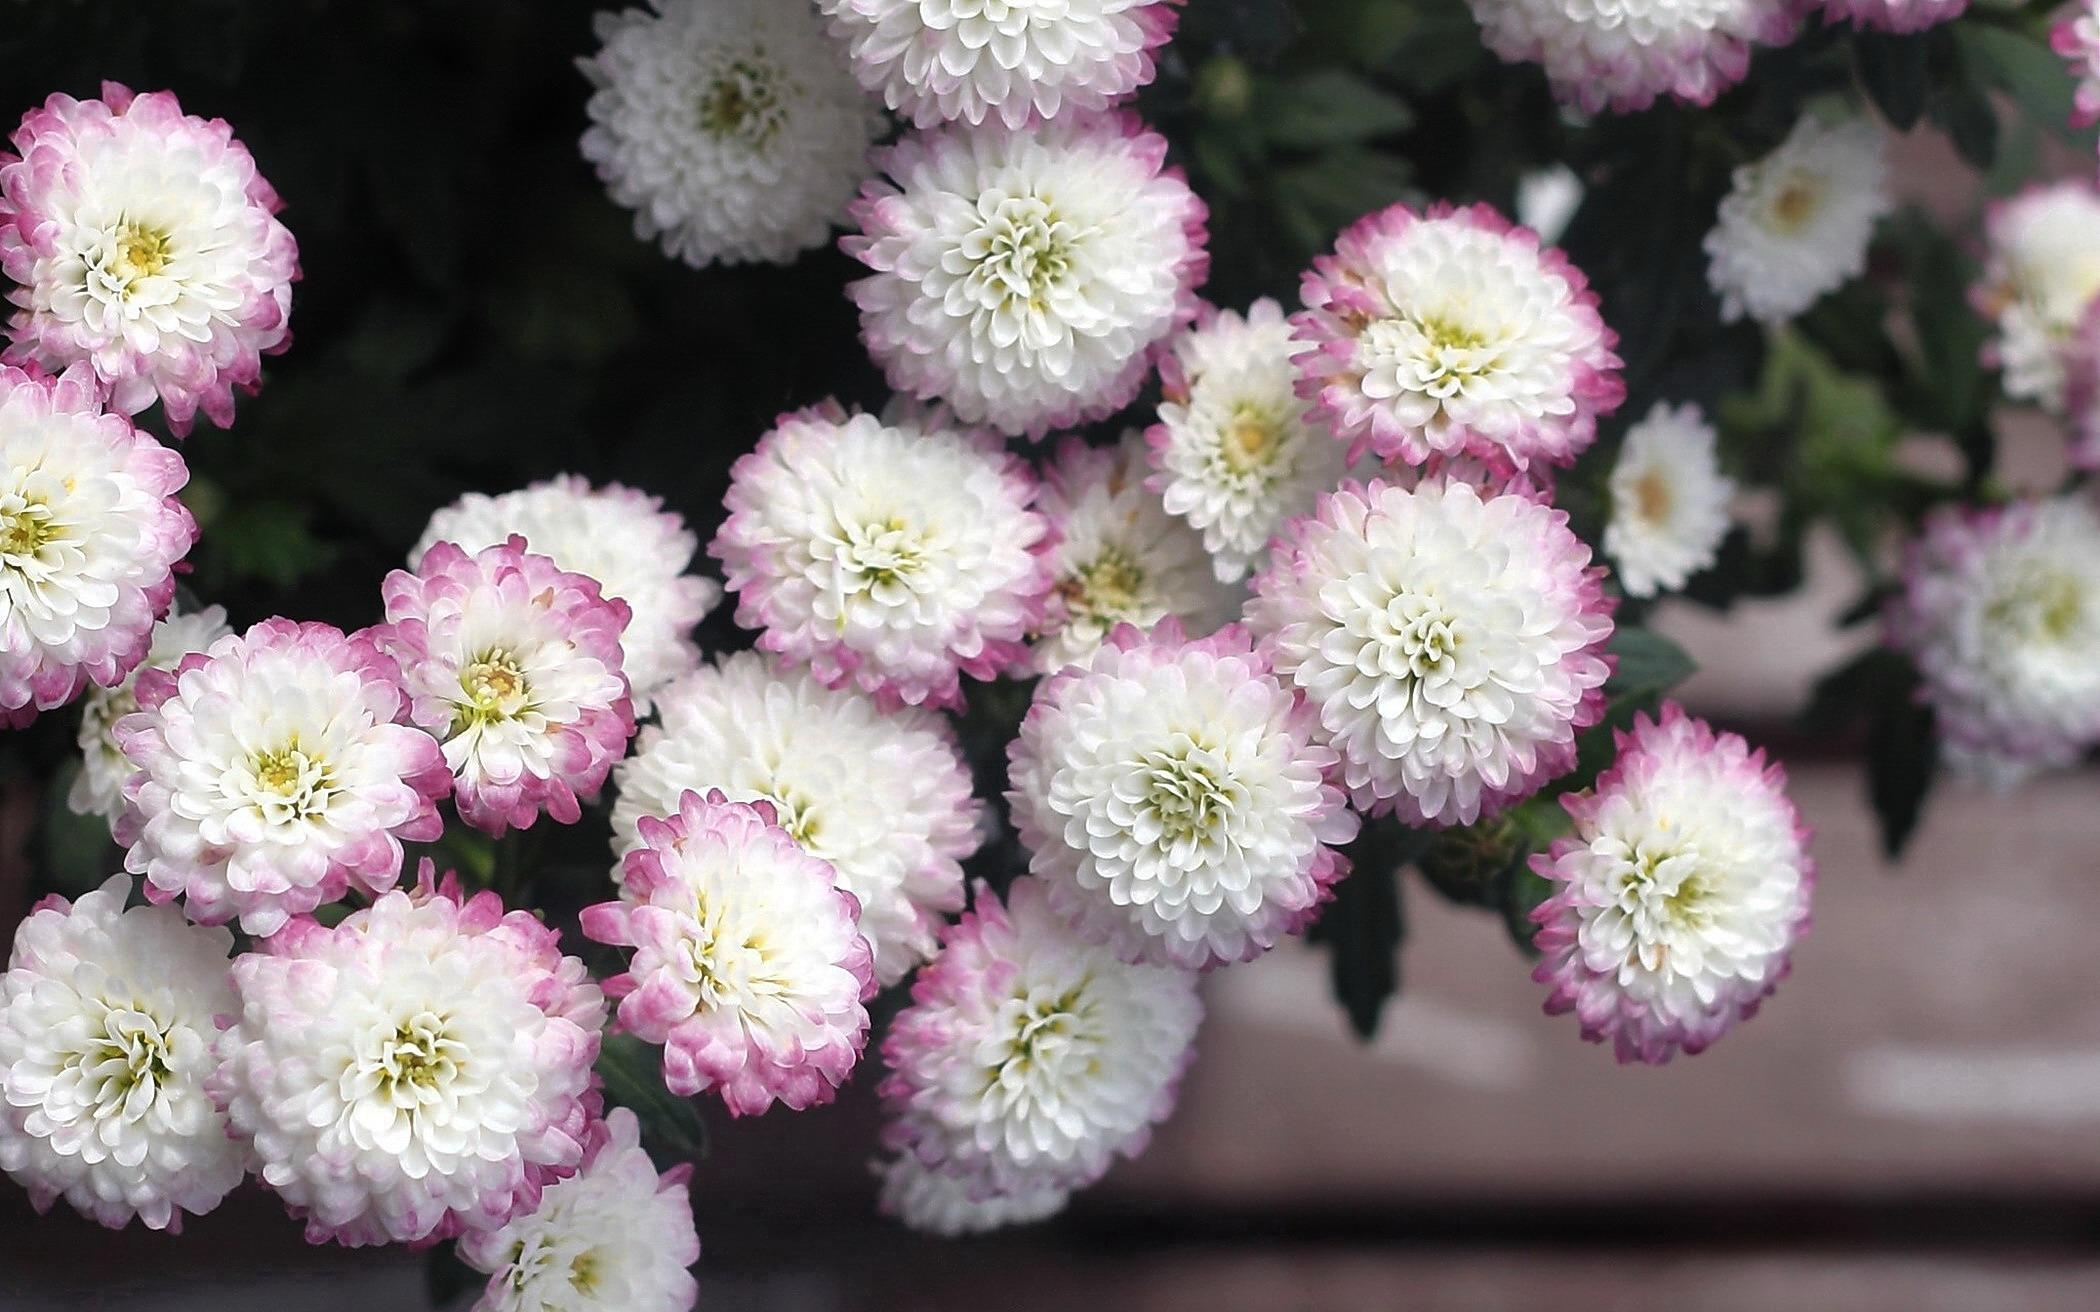 Обои на рабочий стол Цветы хризантемы   подборка (23)